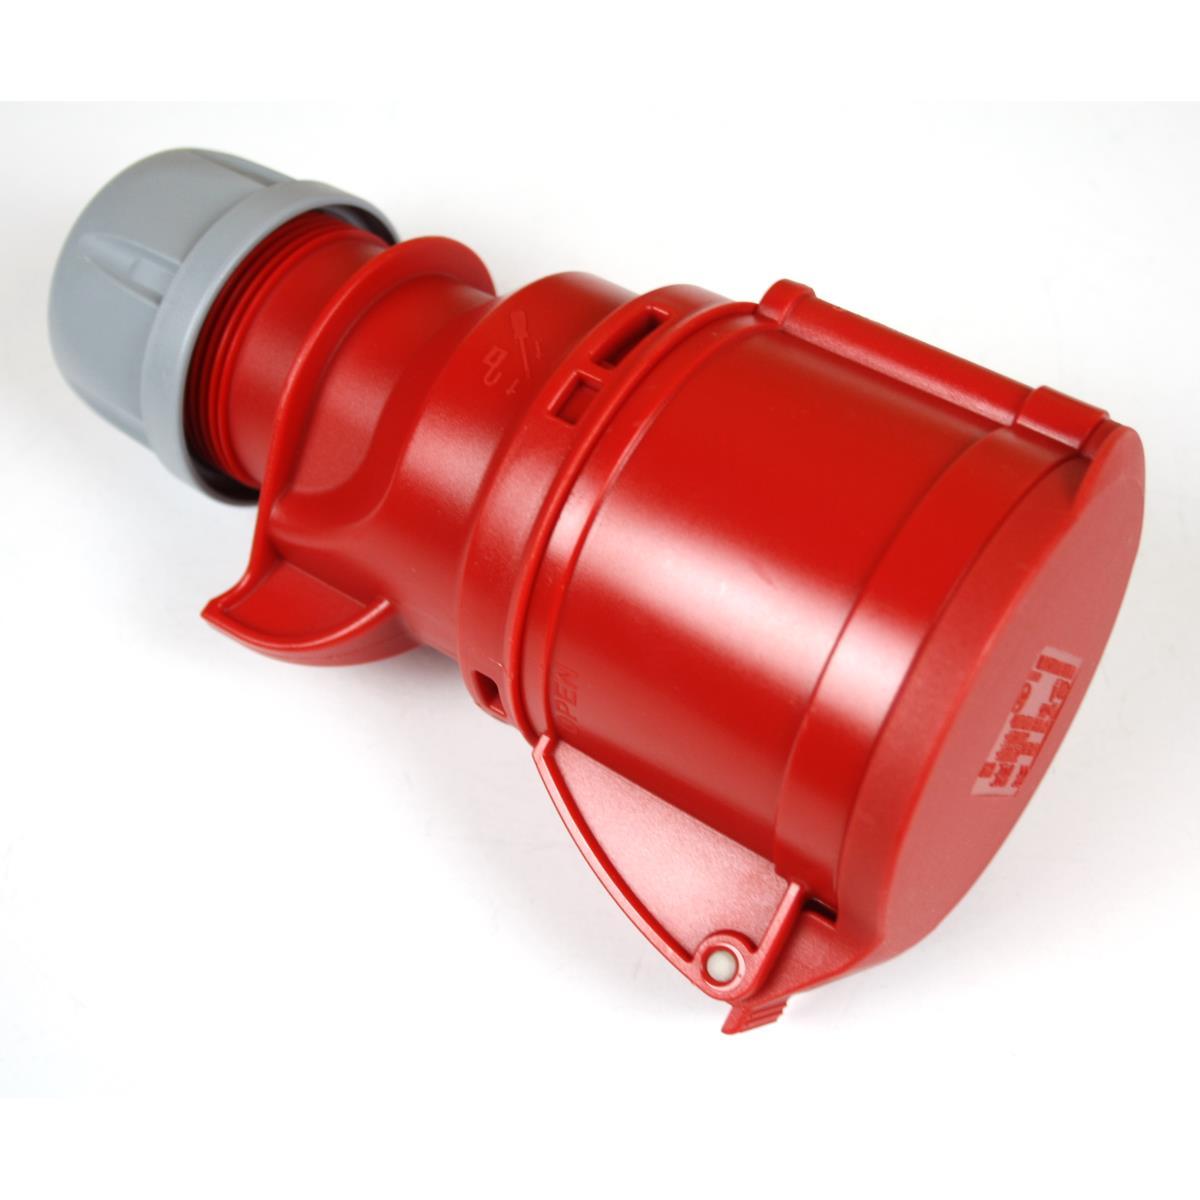 CEE Kupplung 32A 5-polig Starkstrom mit Deckel IP44 400V 6h Rot PCE,PCE,X100492, 5907711100492